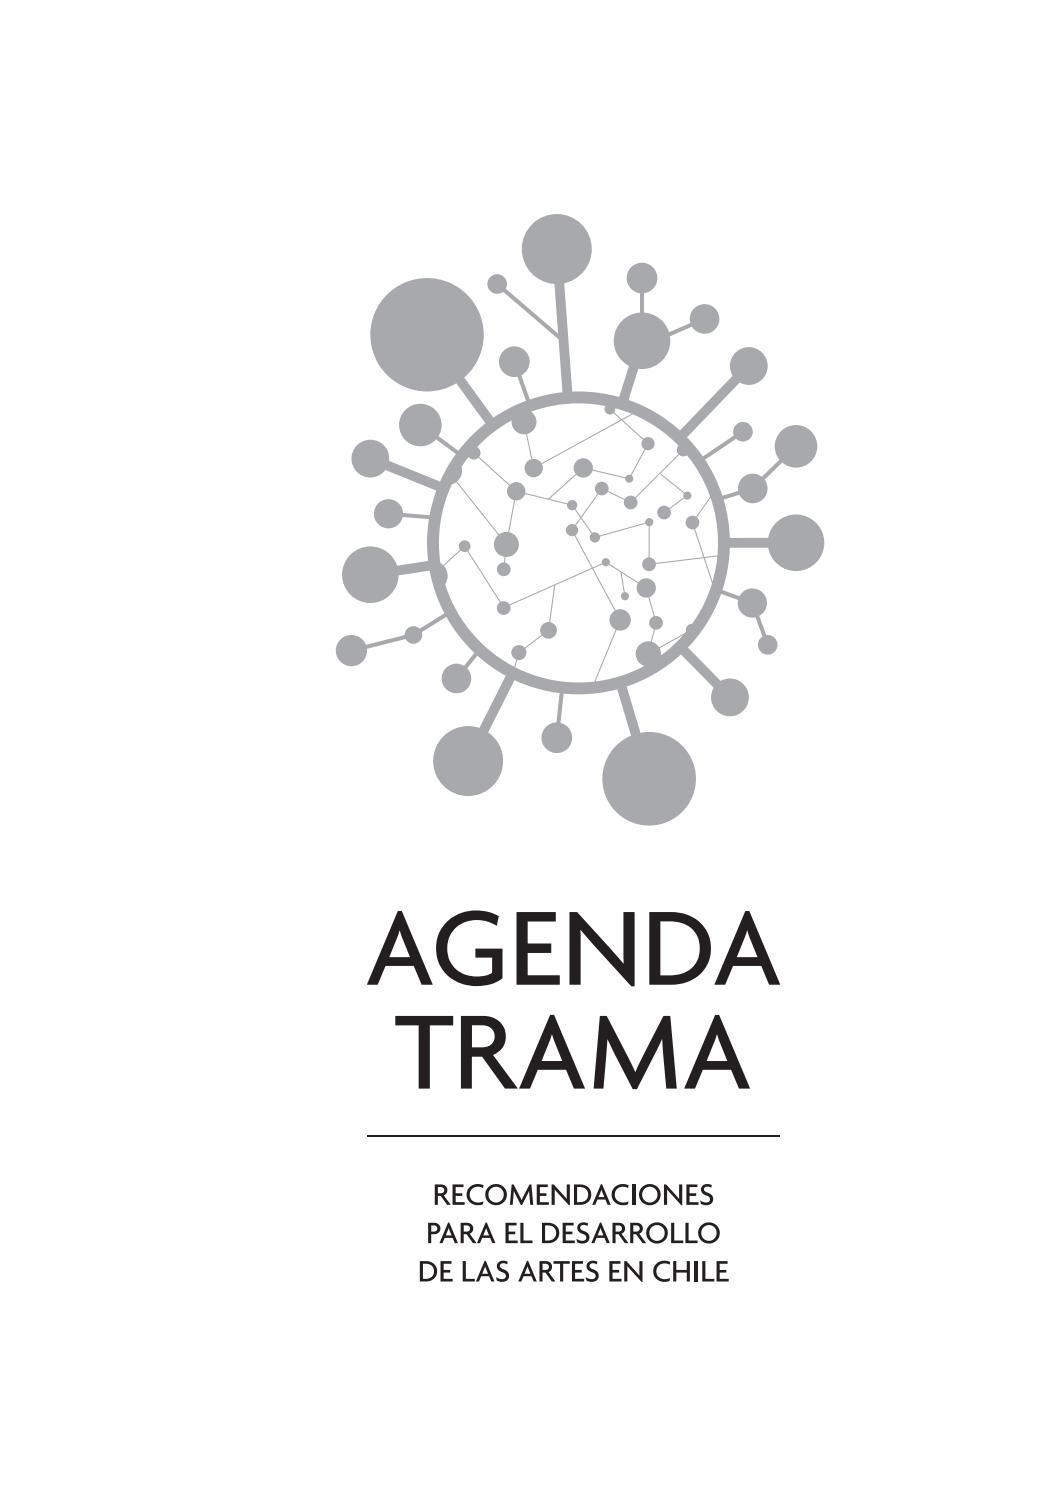 Trama agenda trama recomendaciones para el desarrollo de las artes ...